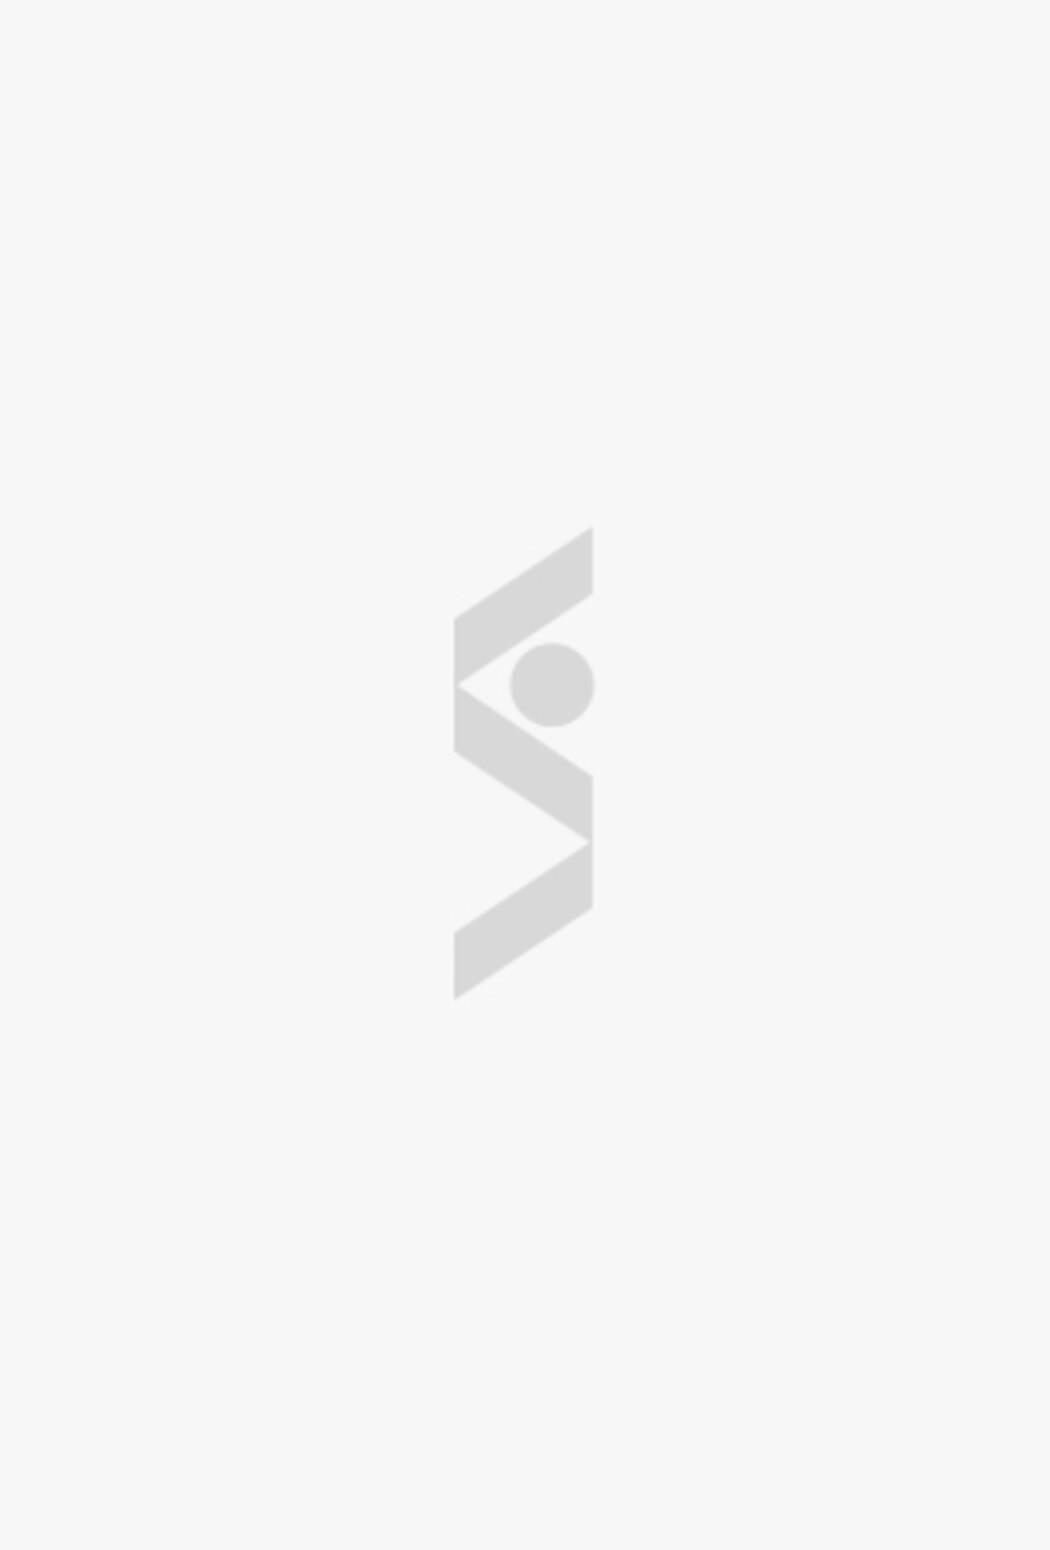 Вязаный пуловер с рукавом реглан s.Oliver - скоро в продаже в интернет-магазине СТОКМАНН в Москве